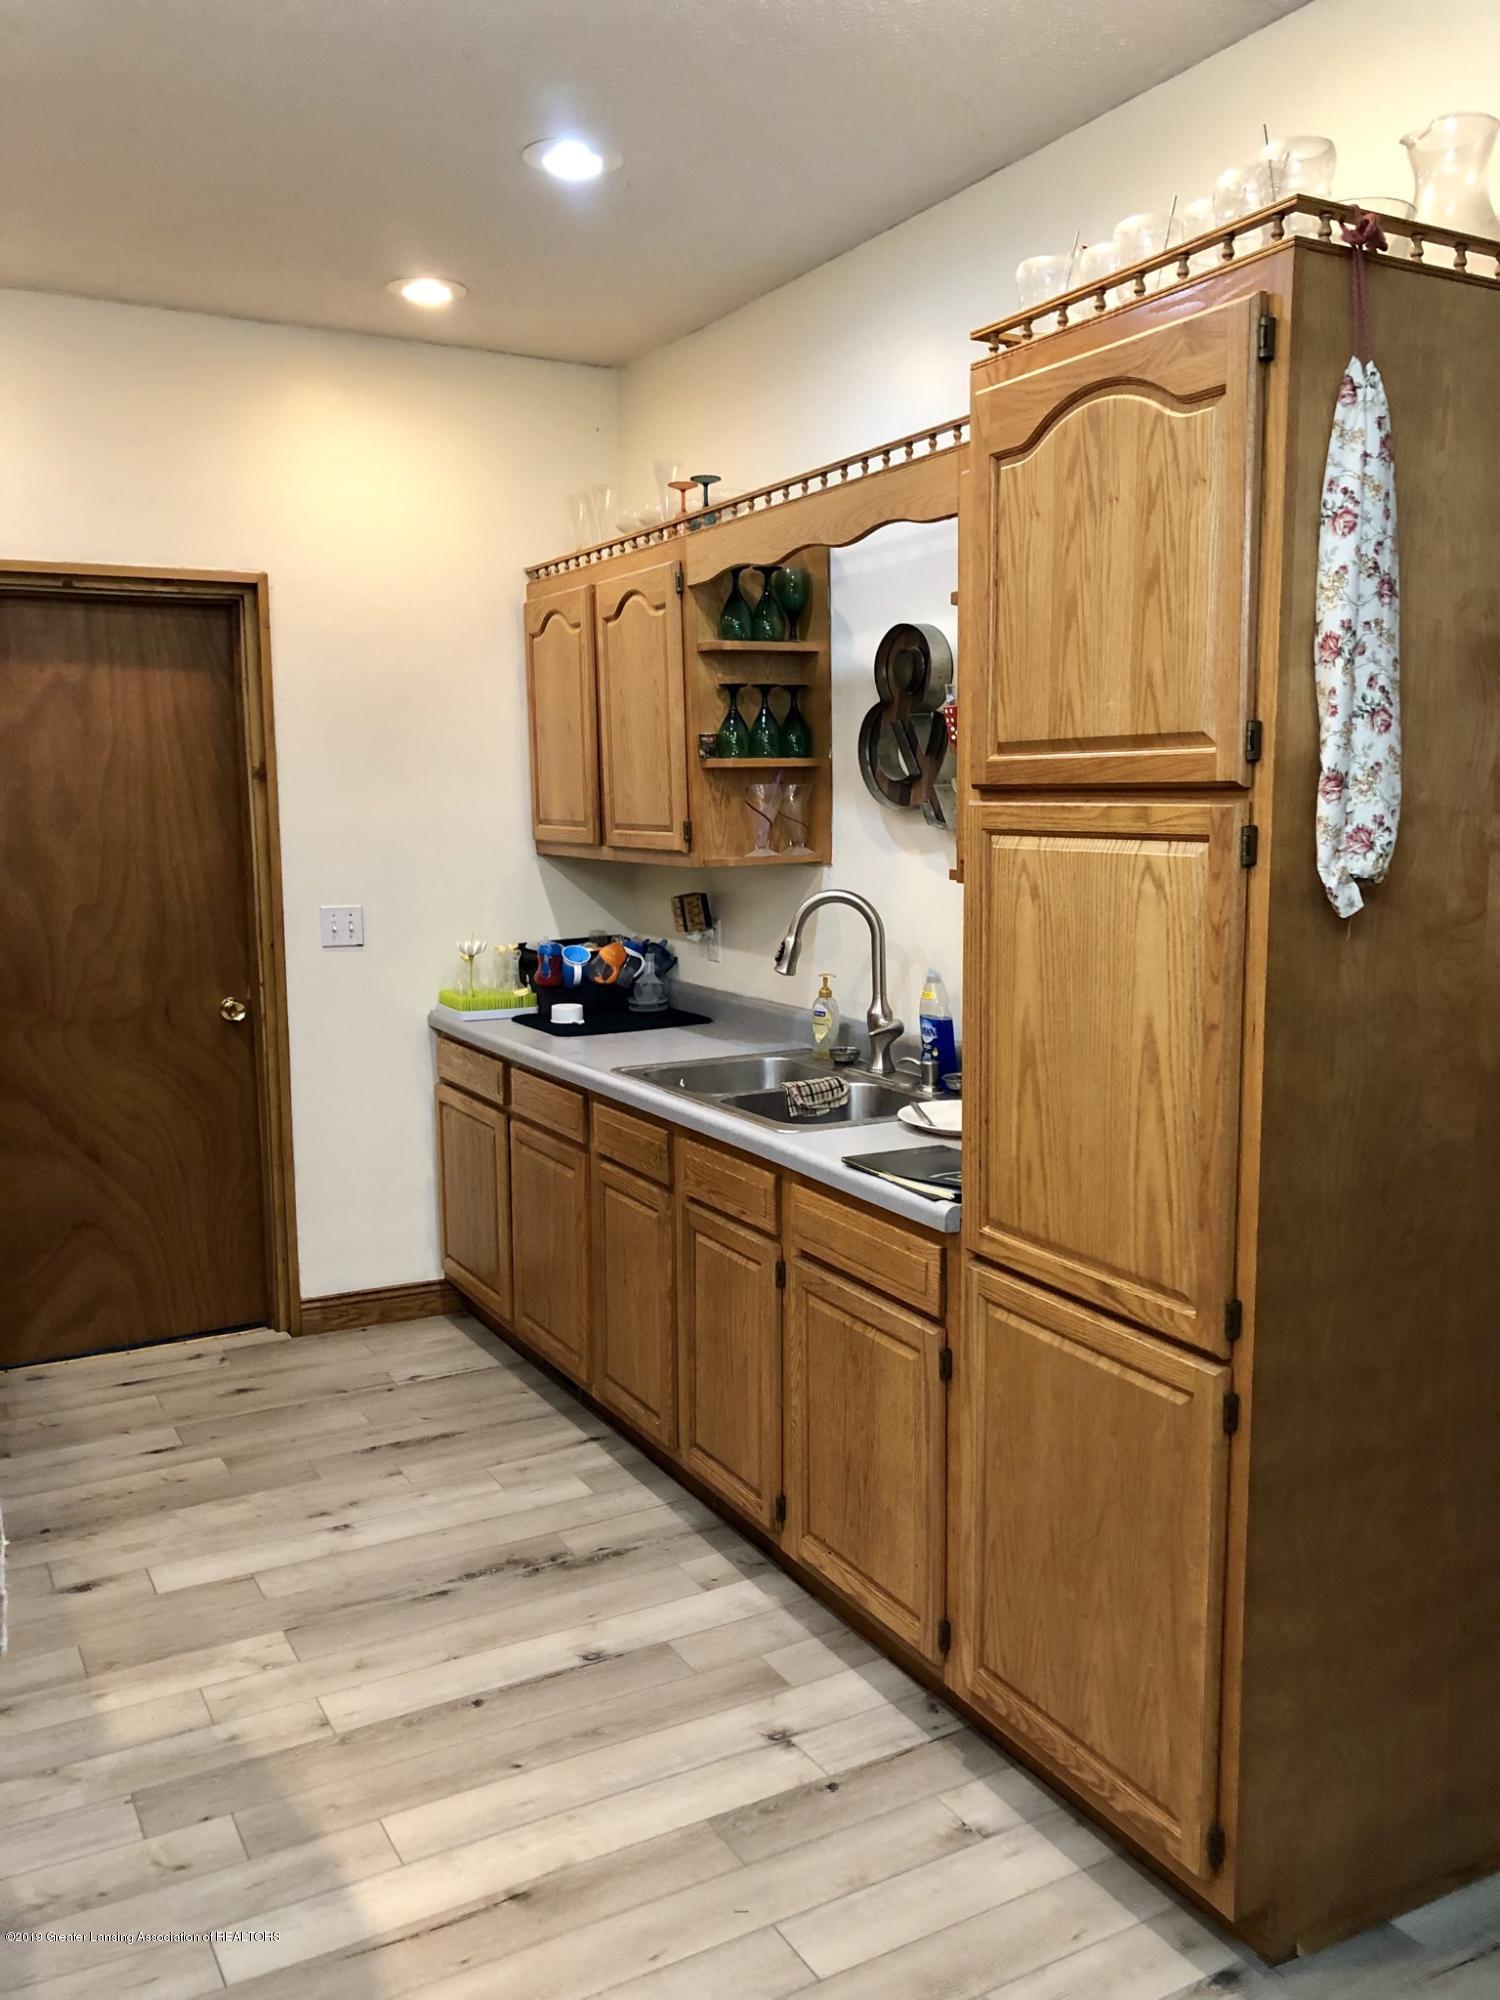 714 Garfield St - Kitchen - 6